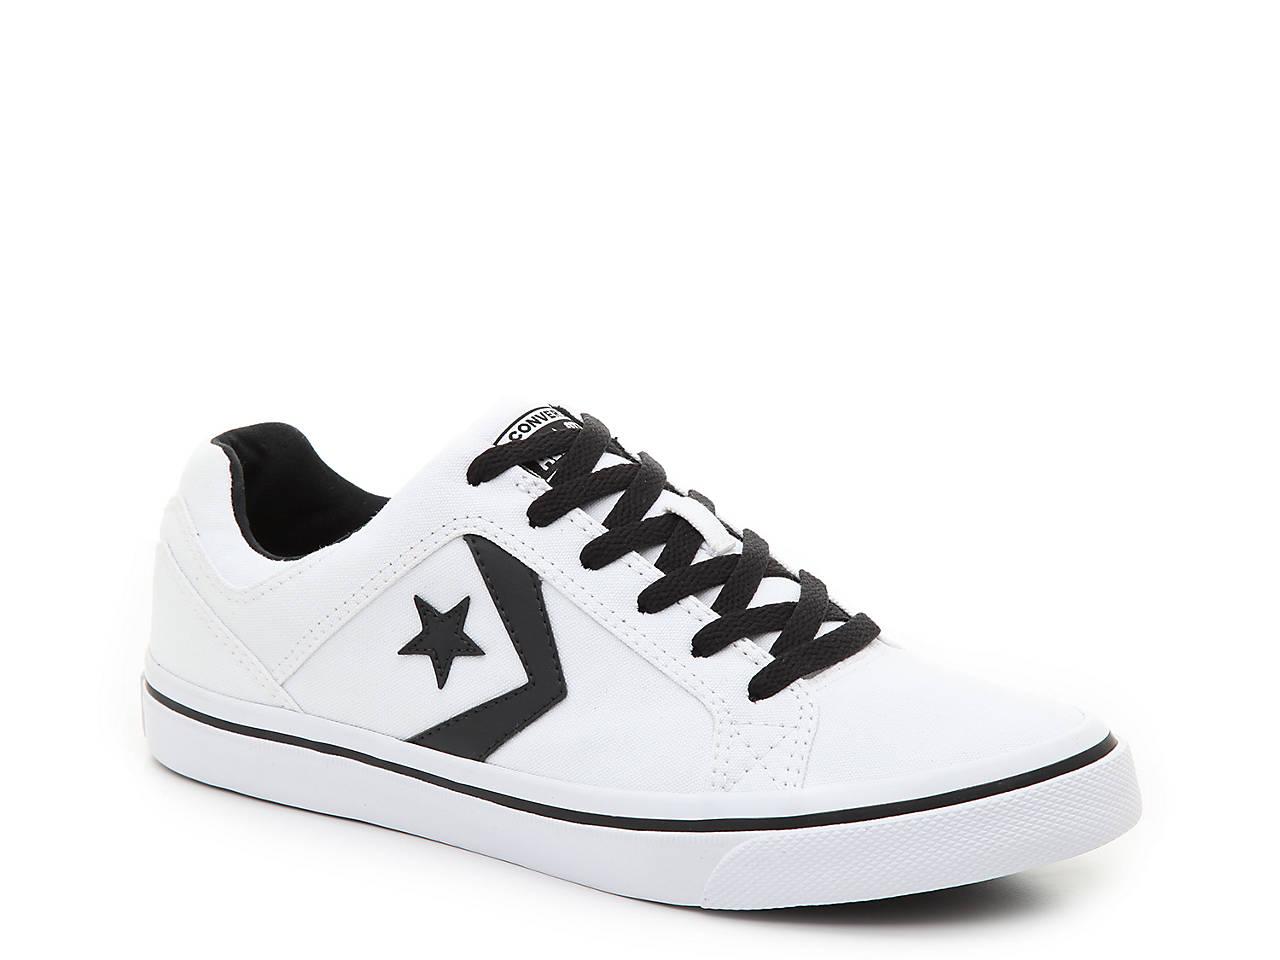 8d1d410e826595 Converse El Distrito Sneaker - Men s Men s Shoes